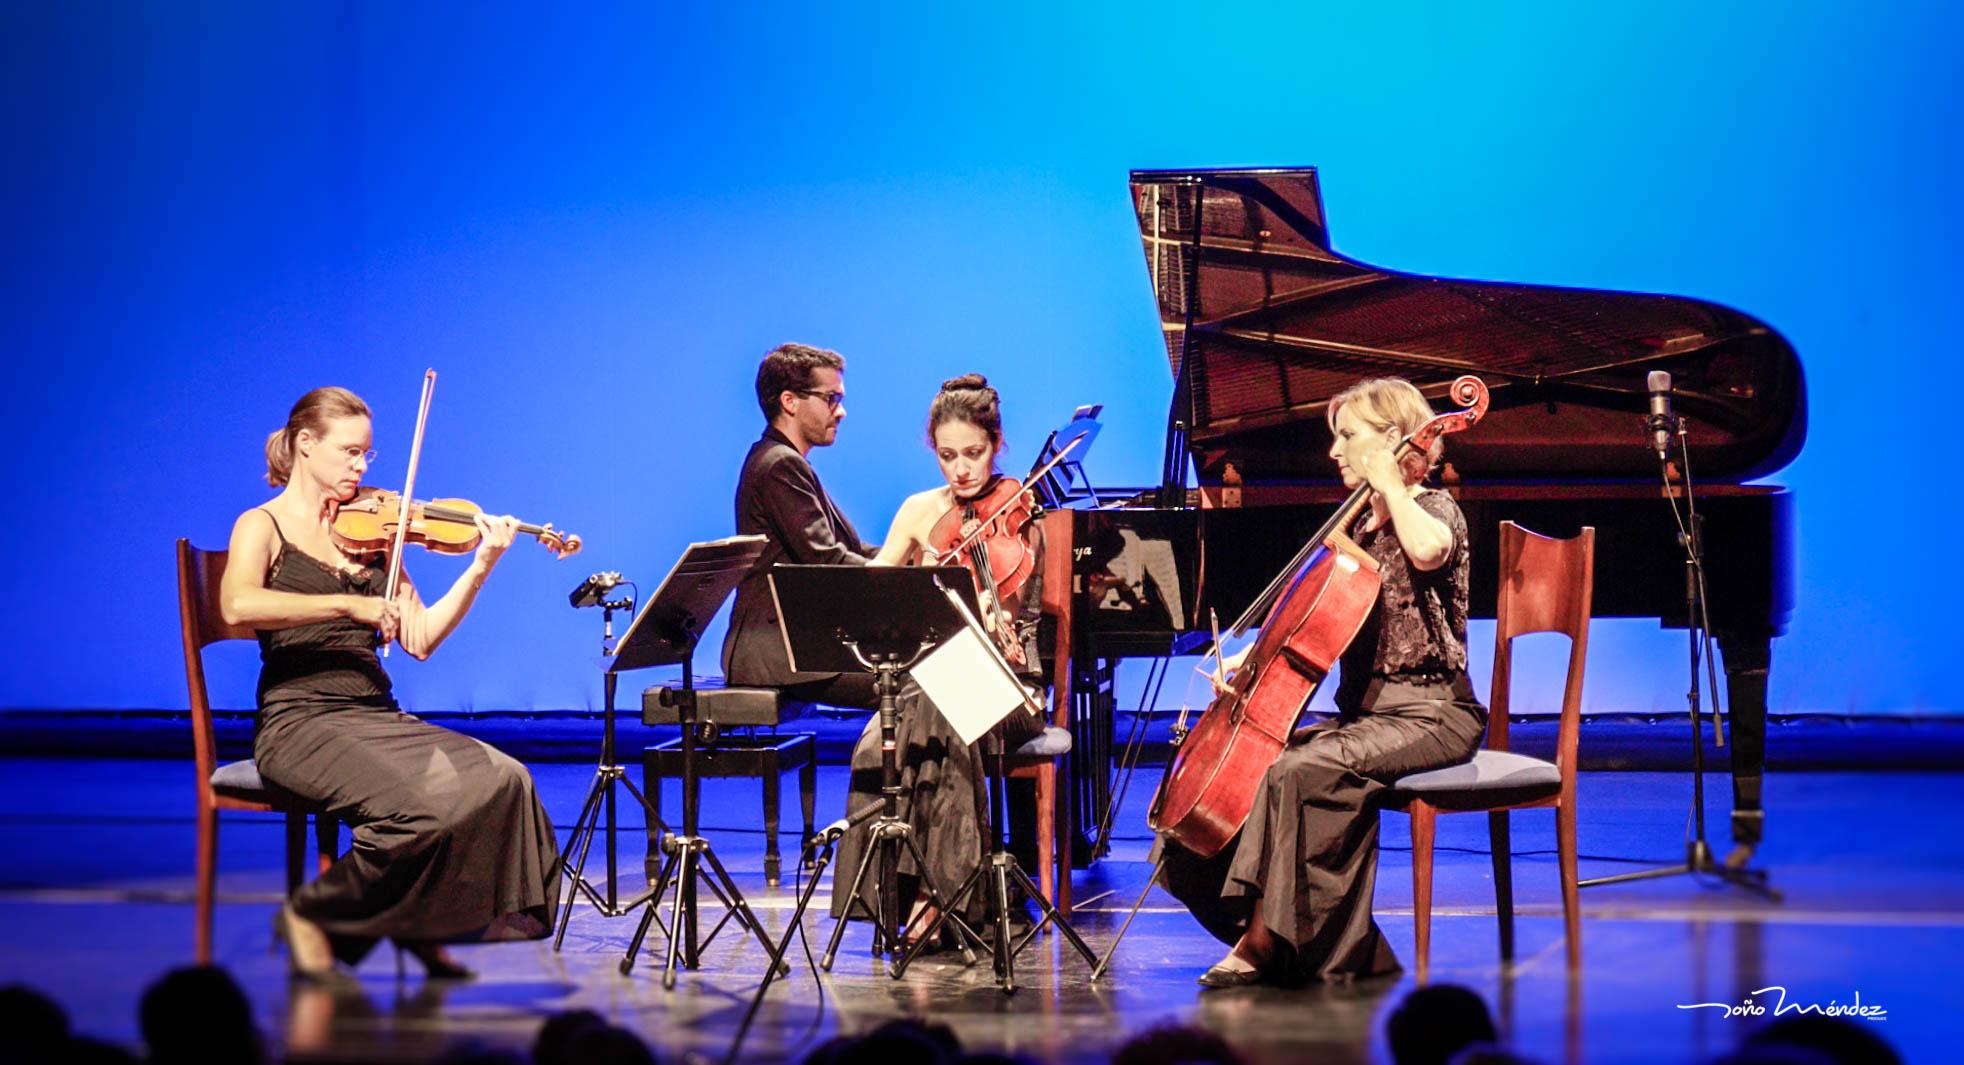 Foto facilitada por la organización del Festival.